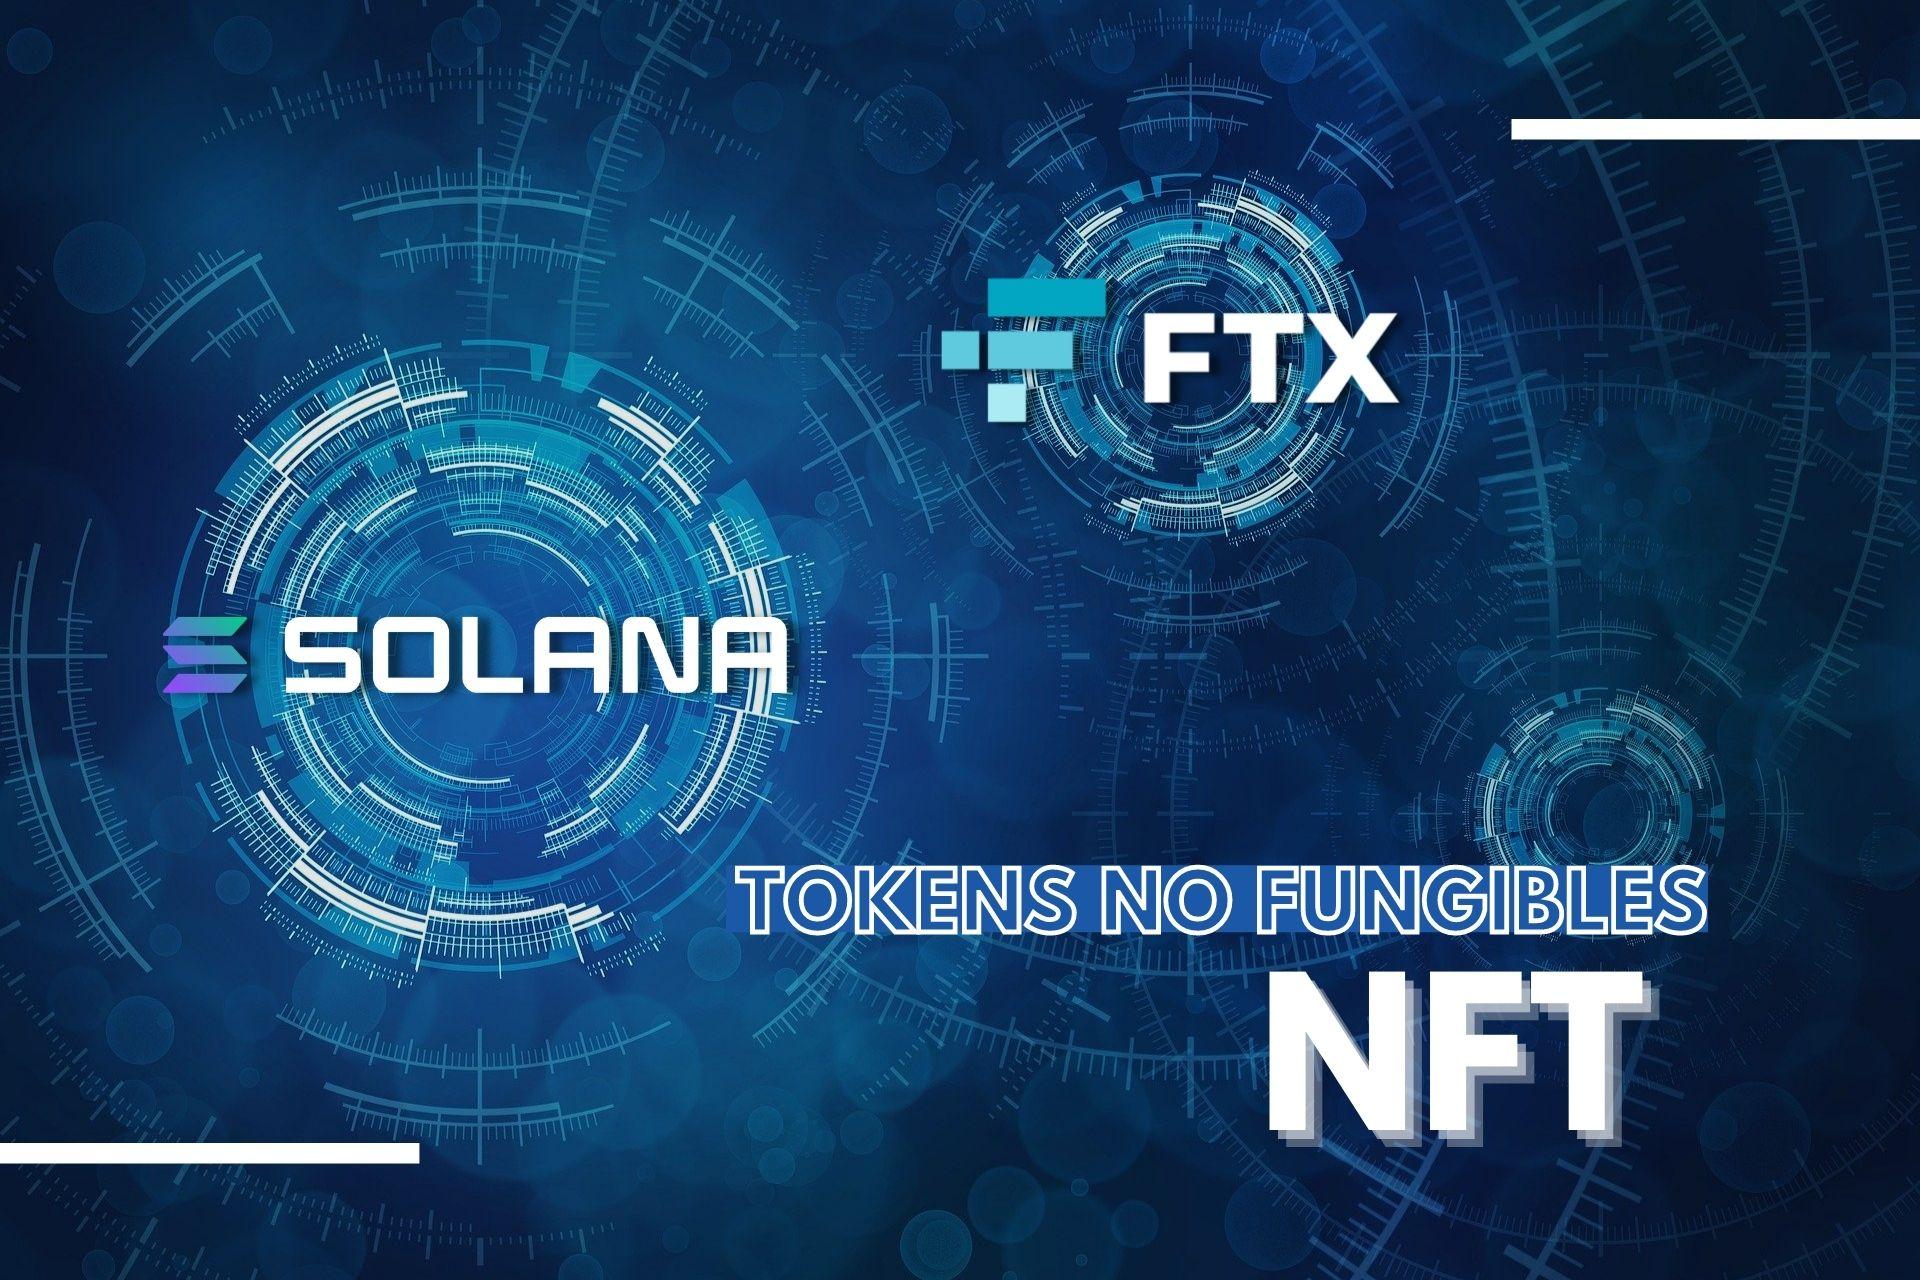 FTX dará entrada en su plataforma a proyectos NFT de Solana